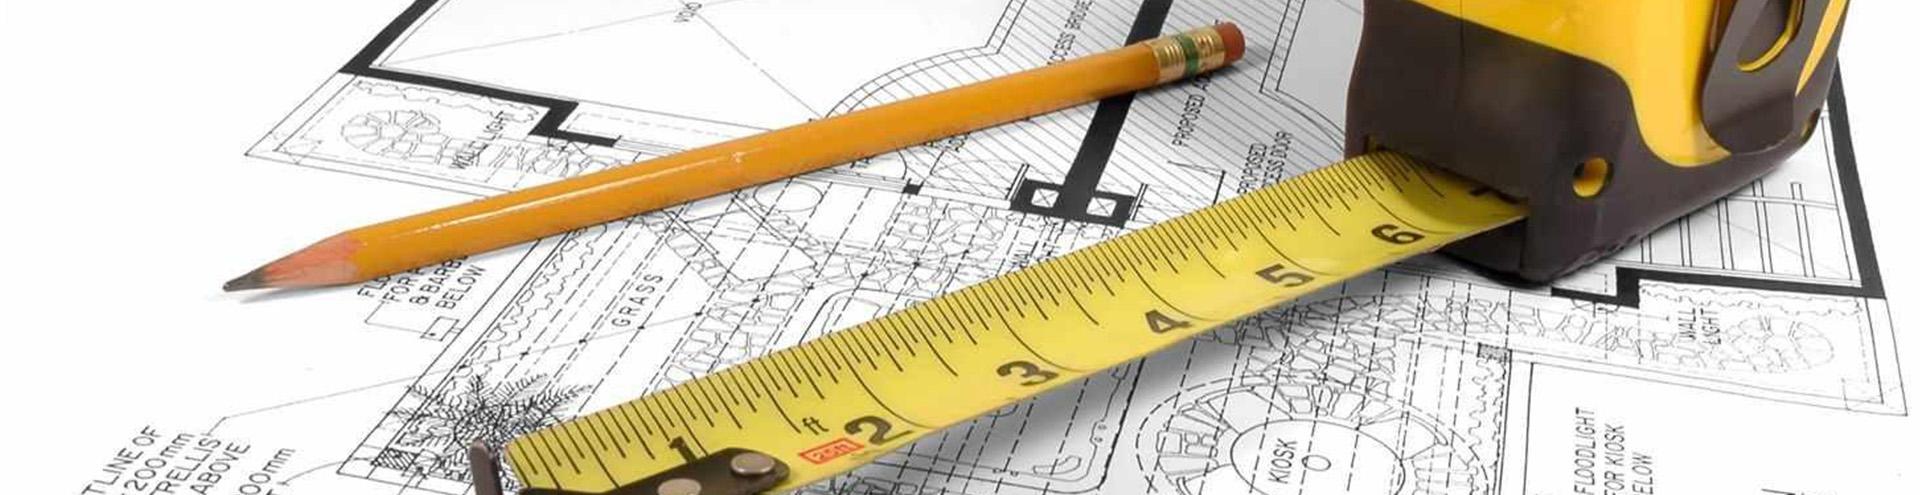 Поможем исправить кадастровую ошибку в Оренбурге и Оренбургской области